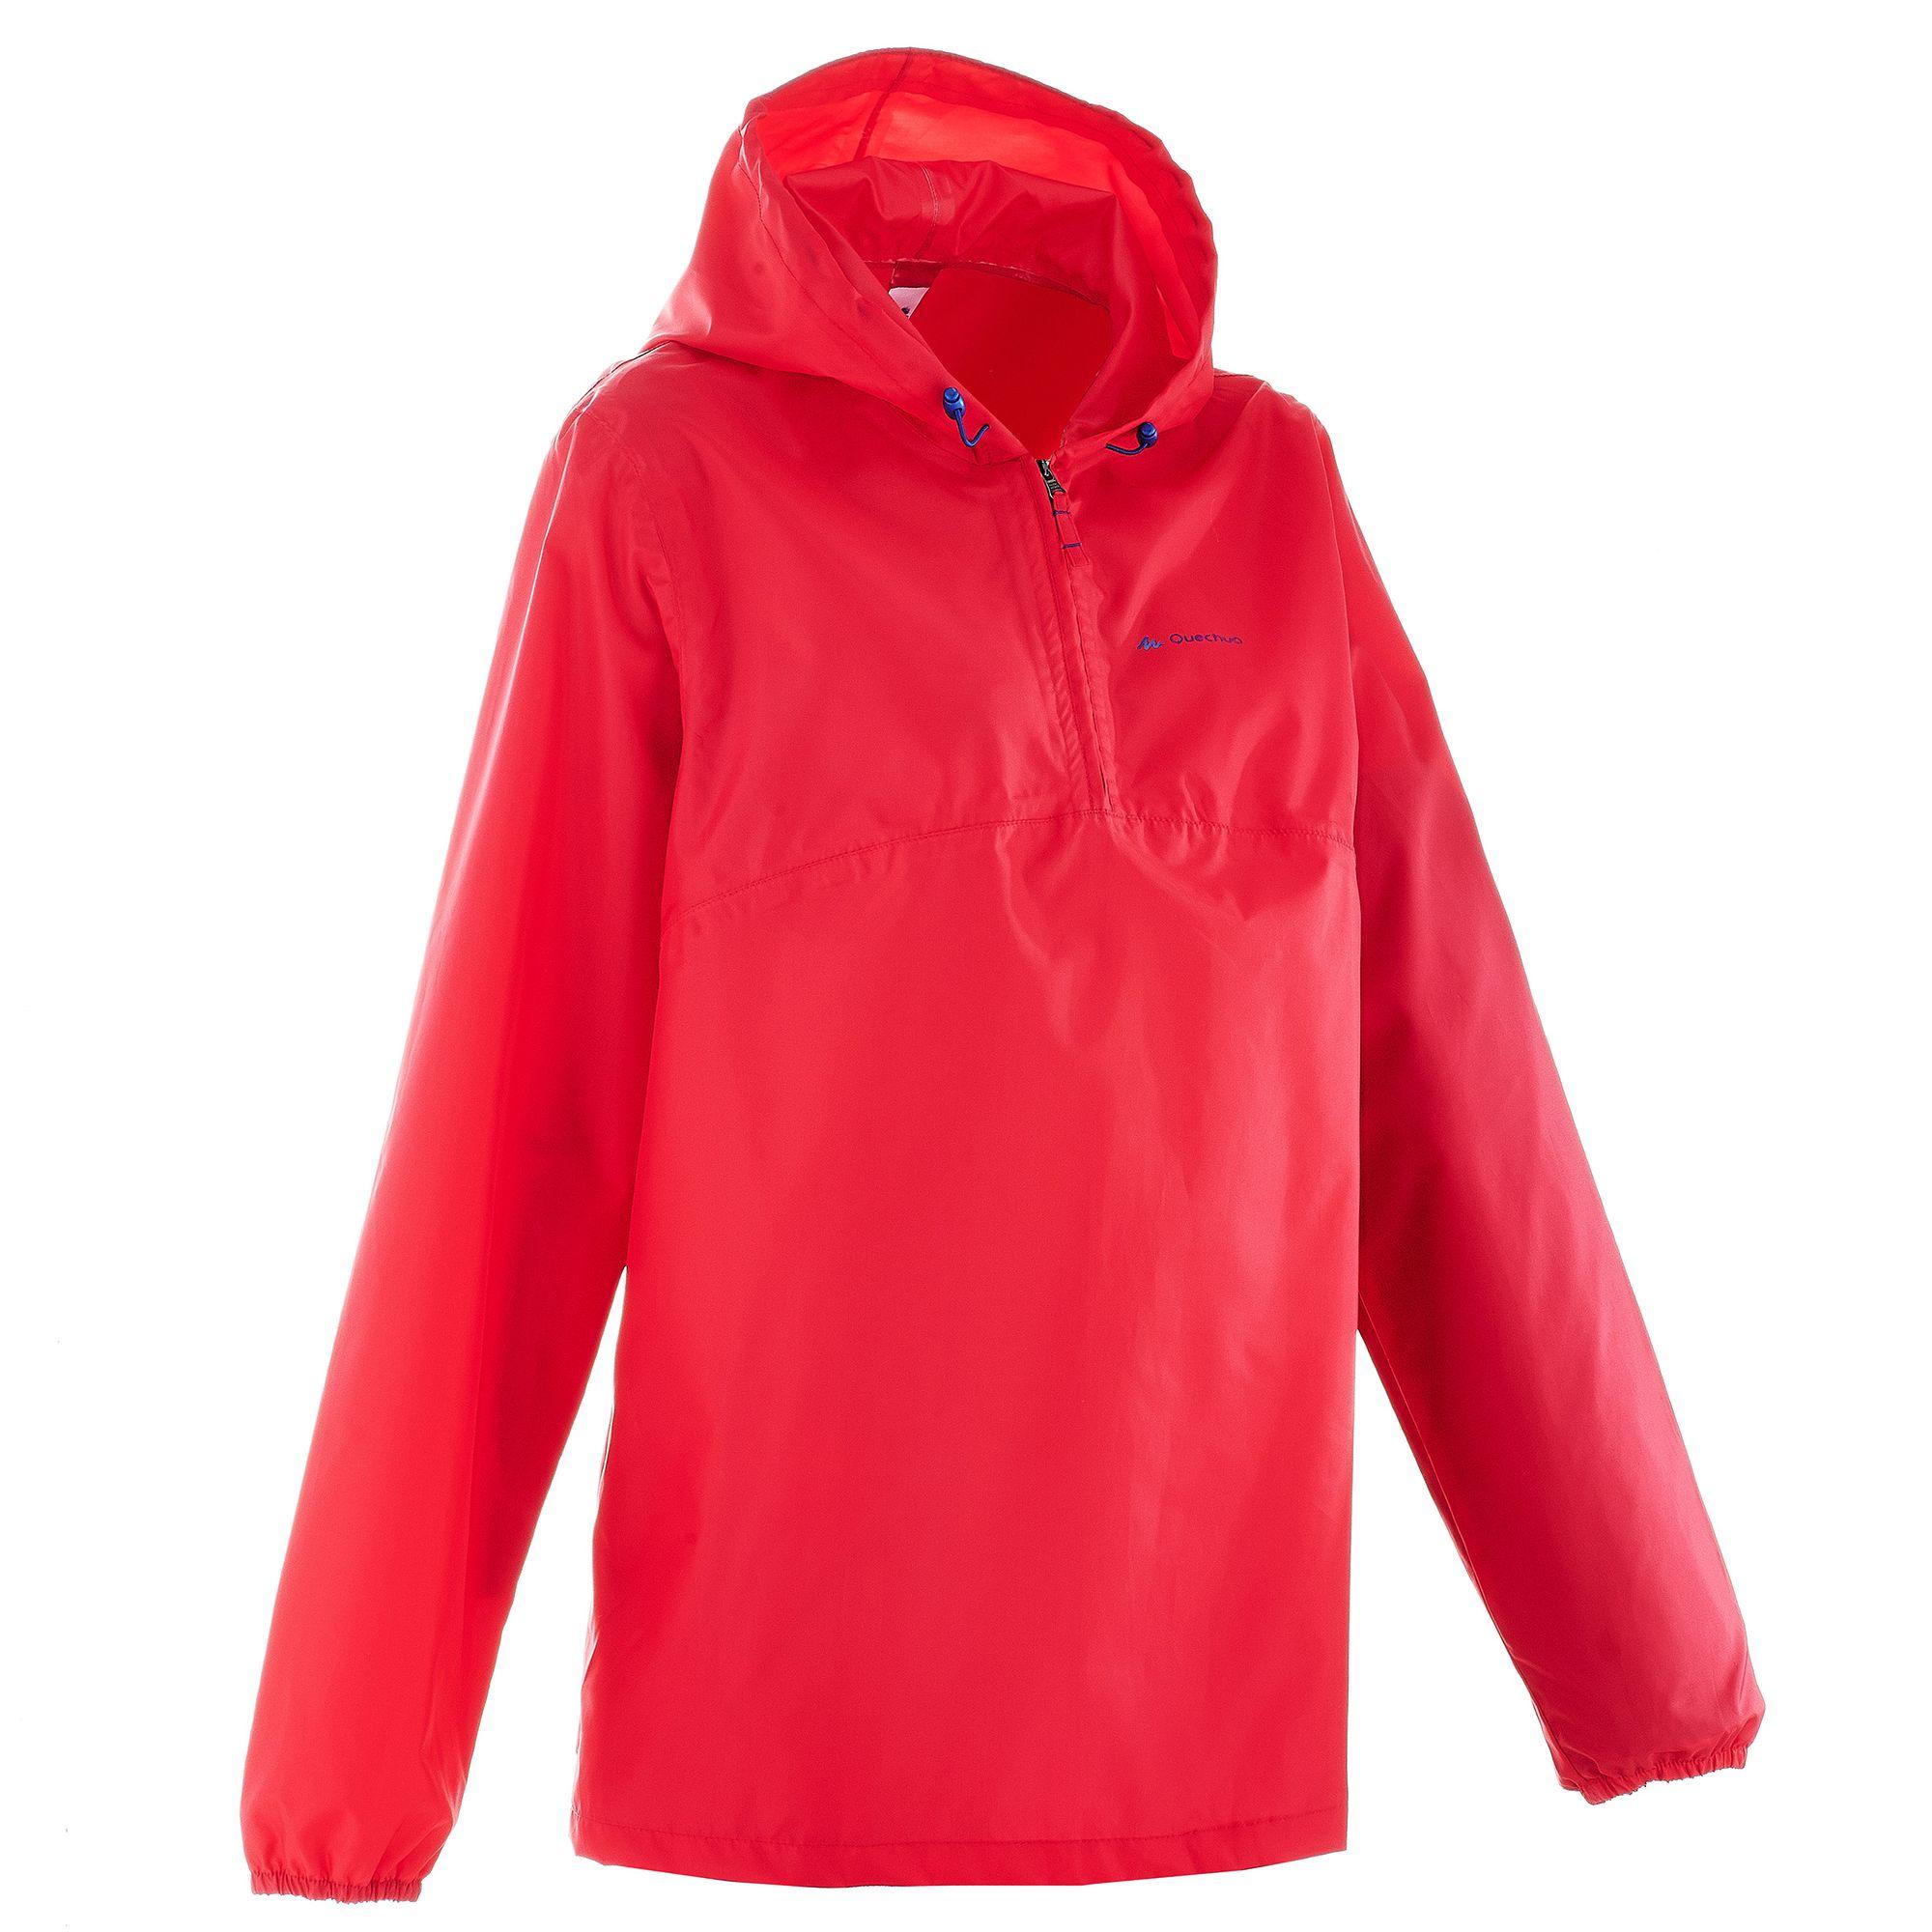 Coupe pluie Imperméable randonnée nature NH100 Raincut rose femme